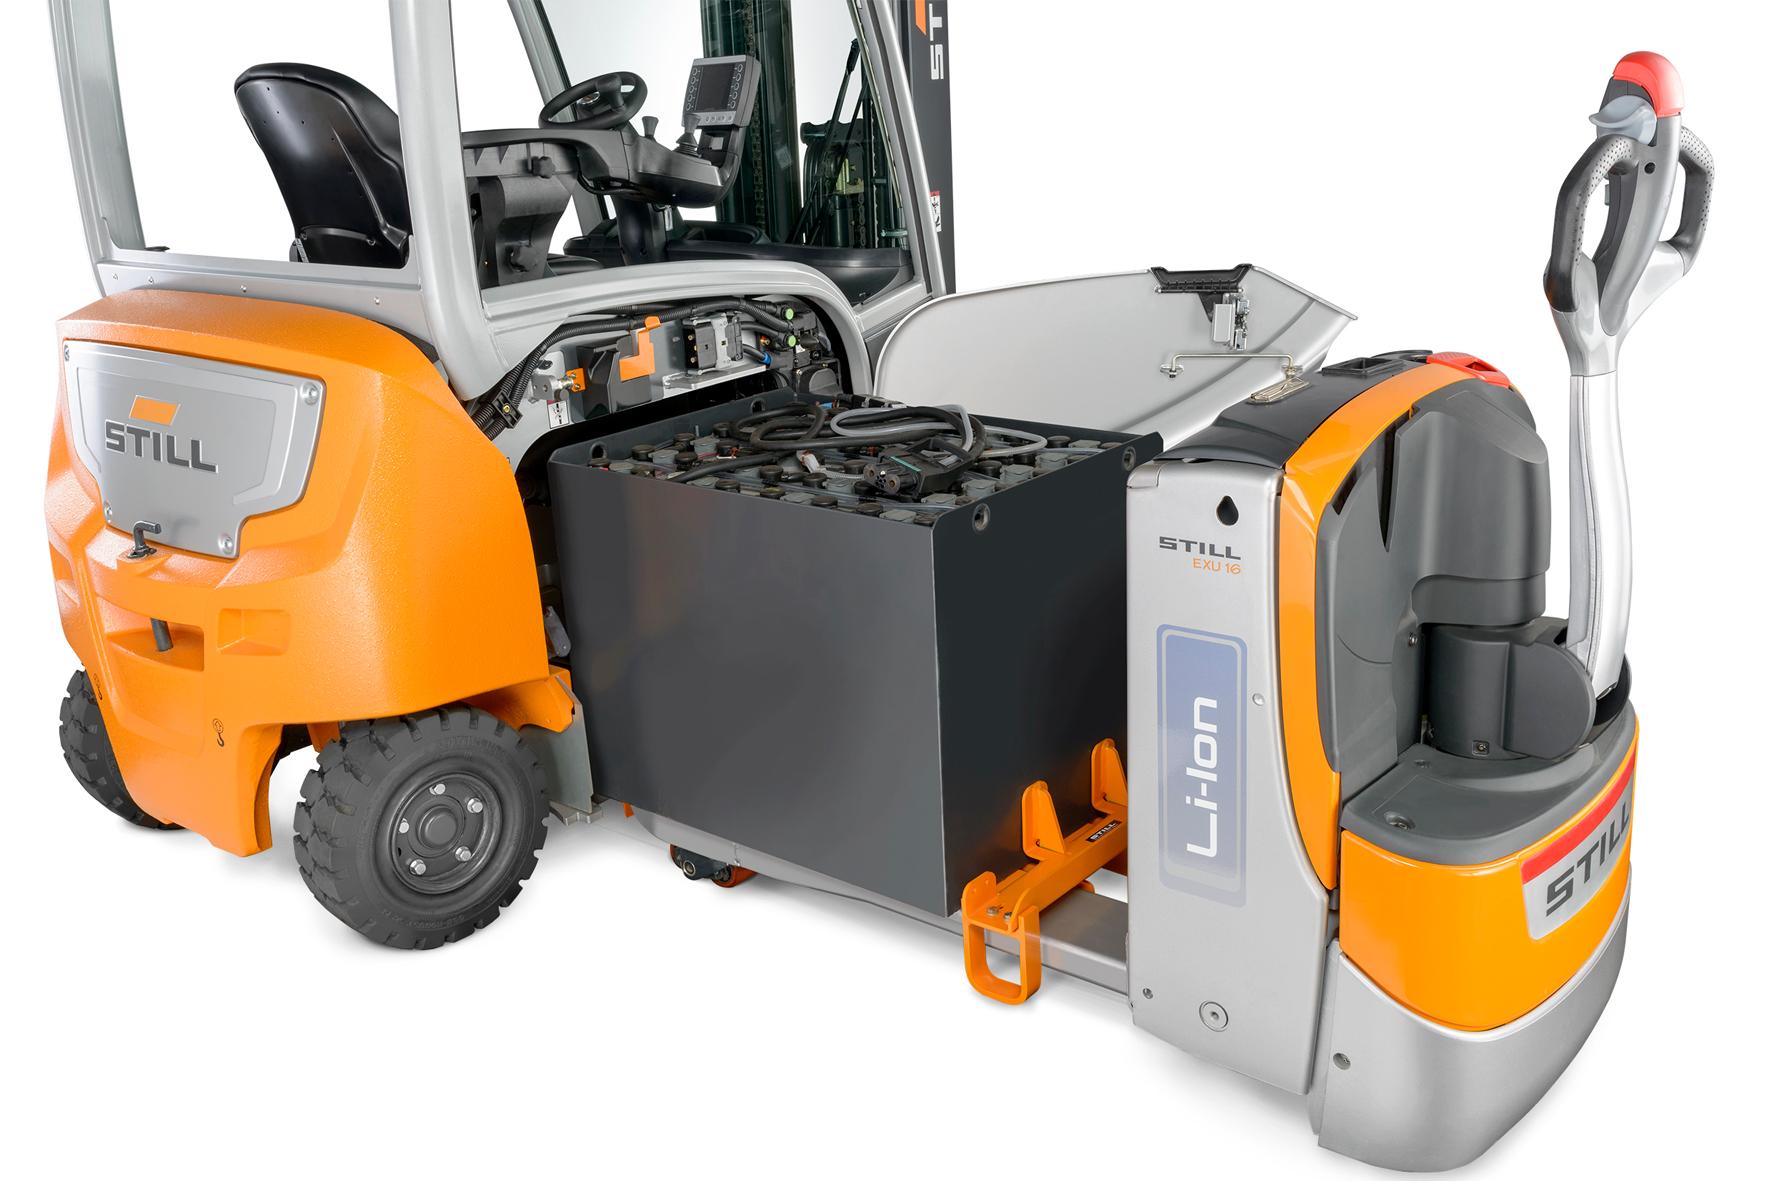 Ogromny Elektryczny wózek widłowy STILL RX 20 z boczną wymianą baterii GJ39